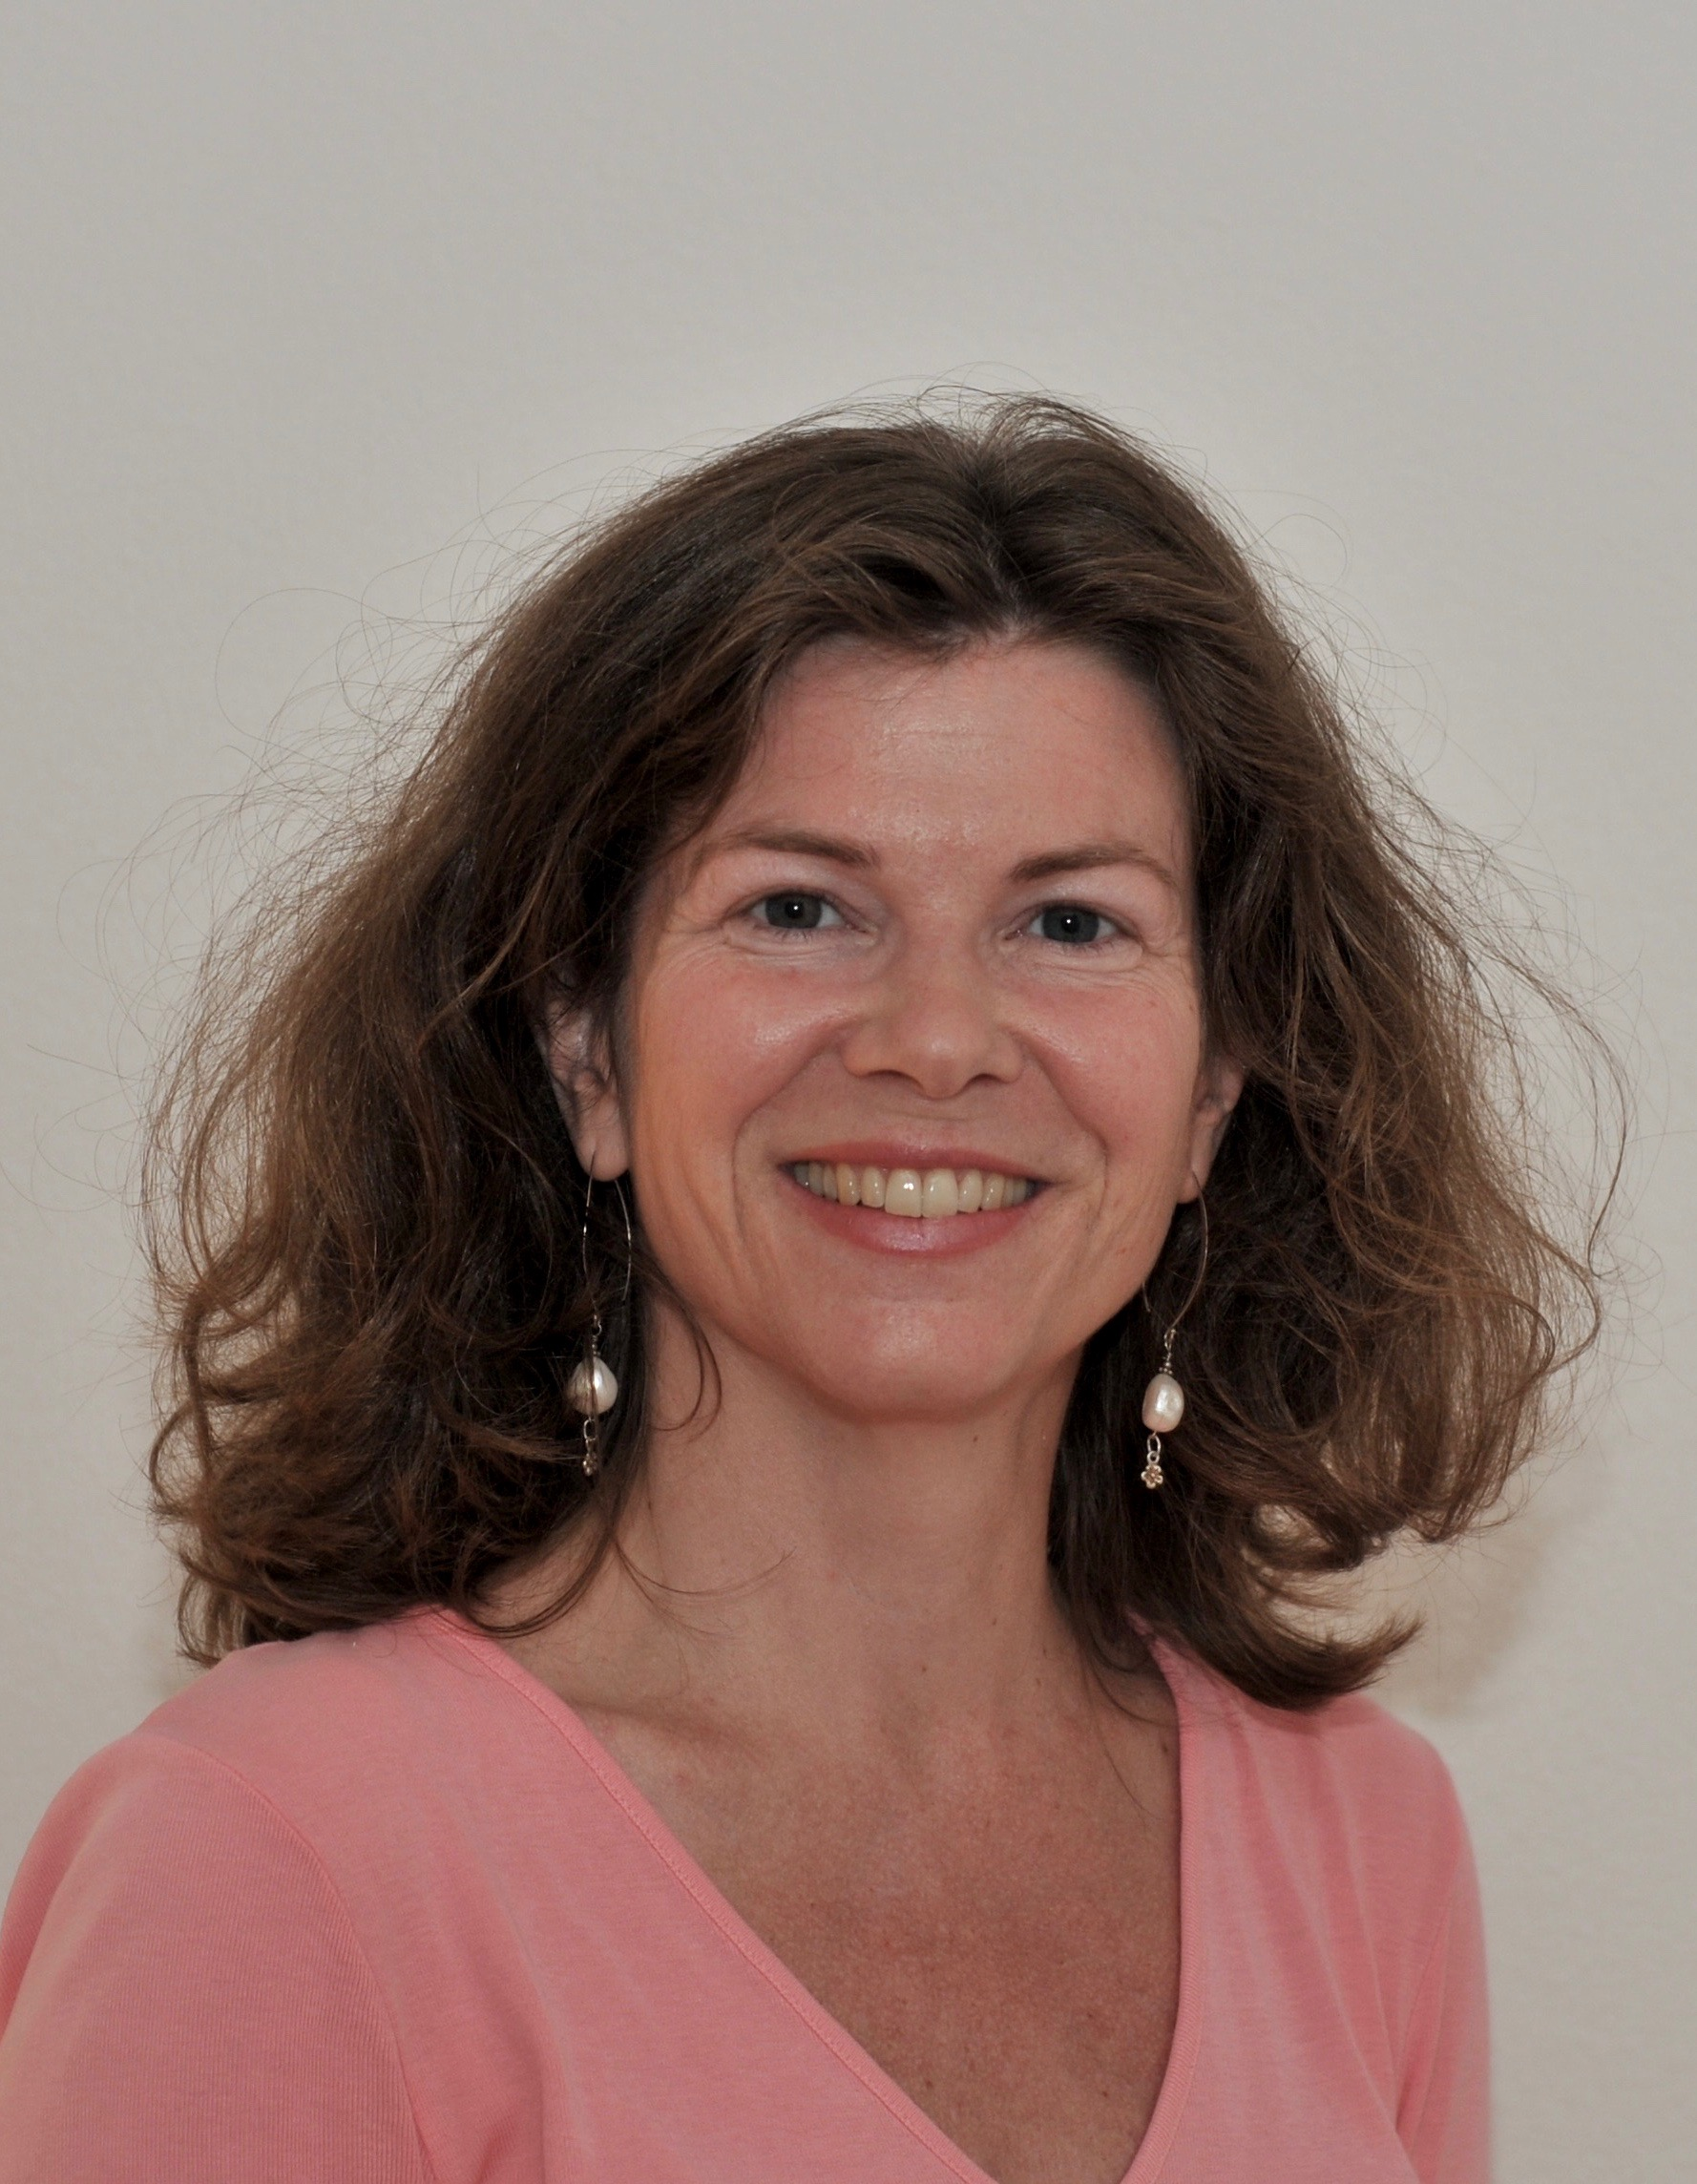 Stefanie Leuenberger